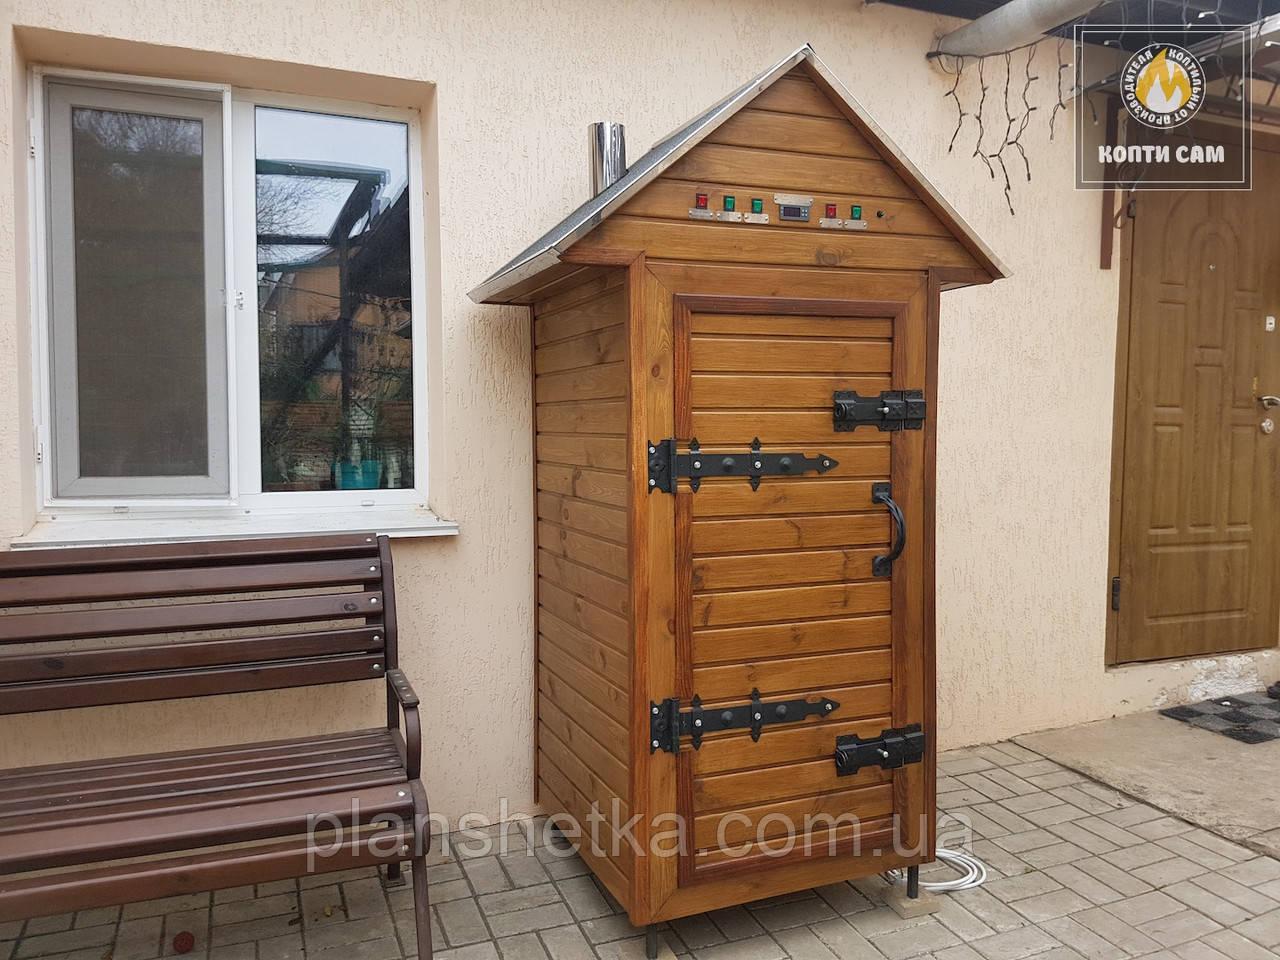 Электростатическая Коптильня 550л холодного и горячего копчения + просушка (Нержавейка внутри, крыша домиком)